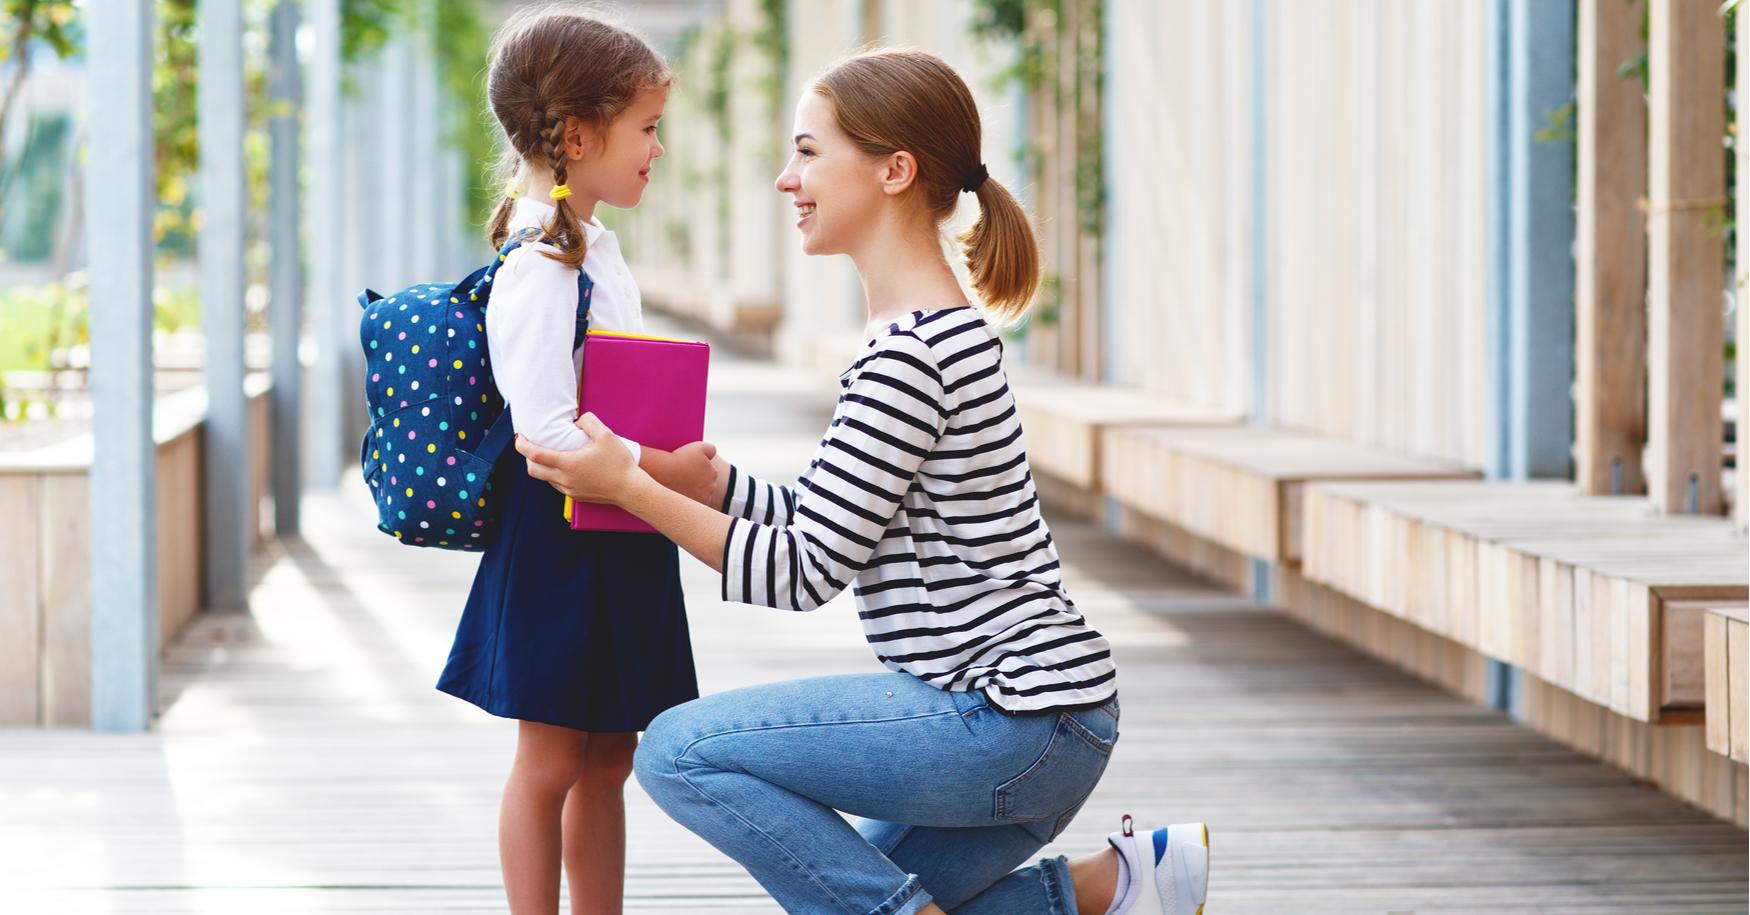 Mama bringt Kind zum ersten Schultag